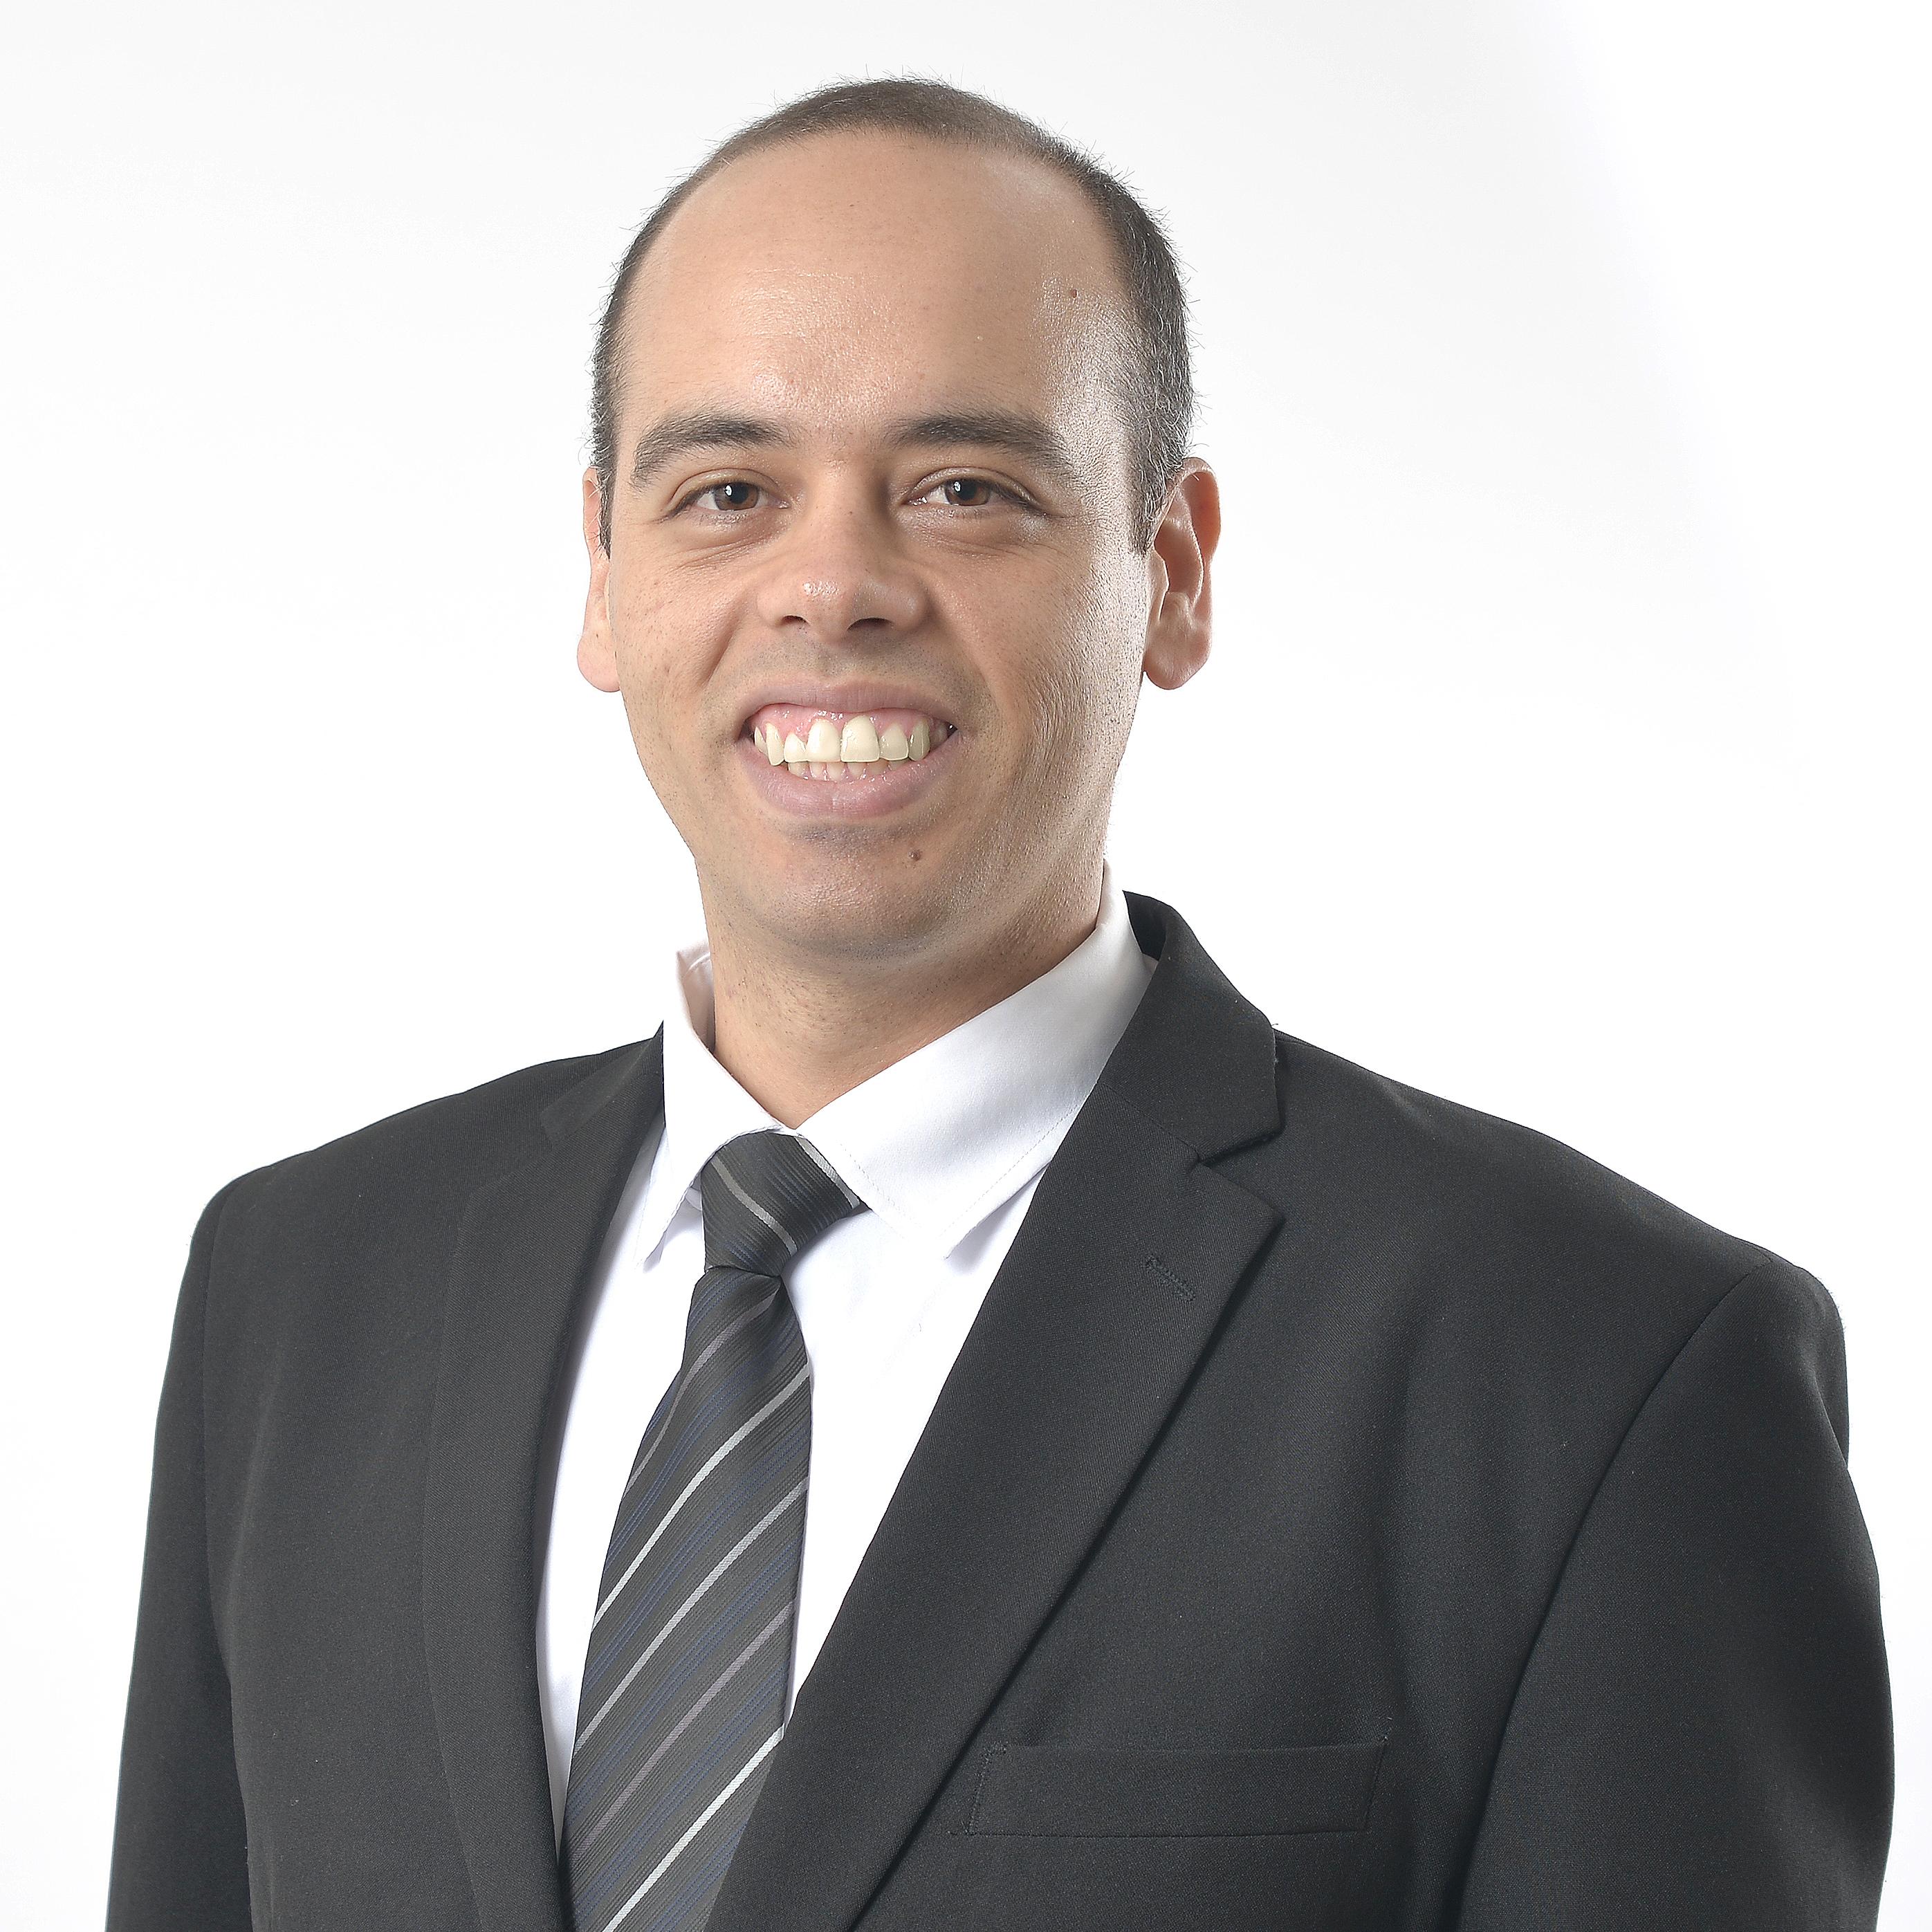 Francisco Kujbida